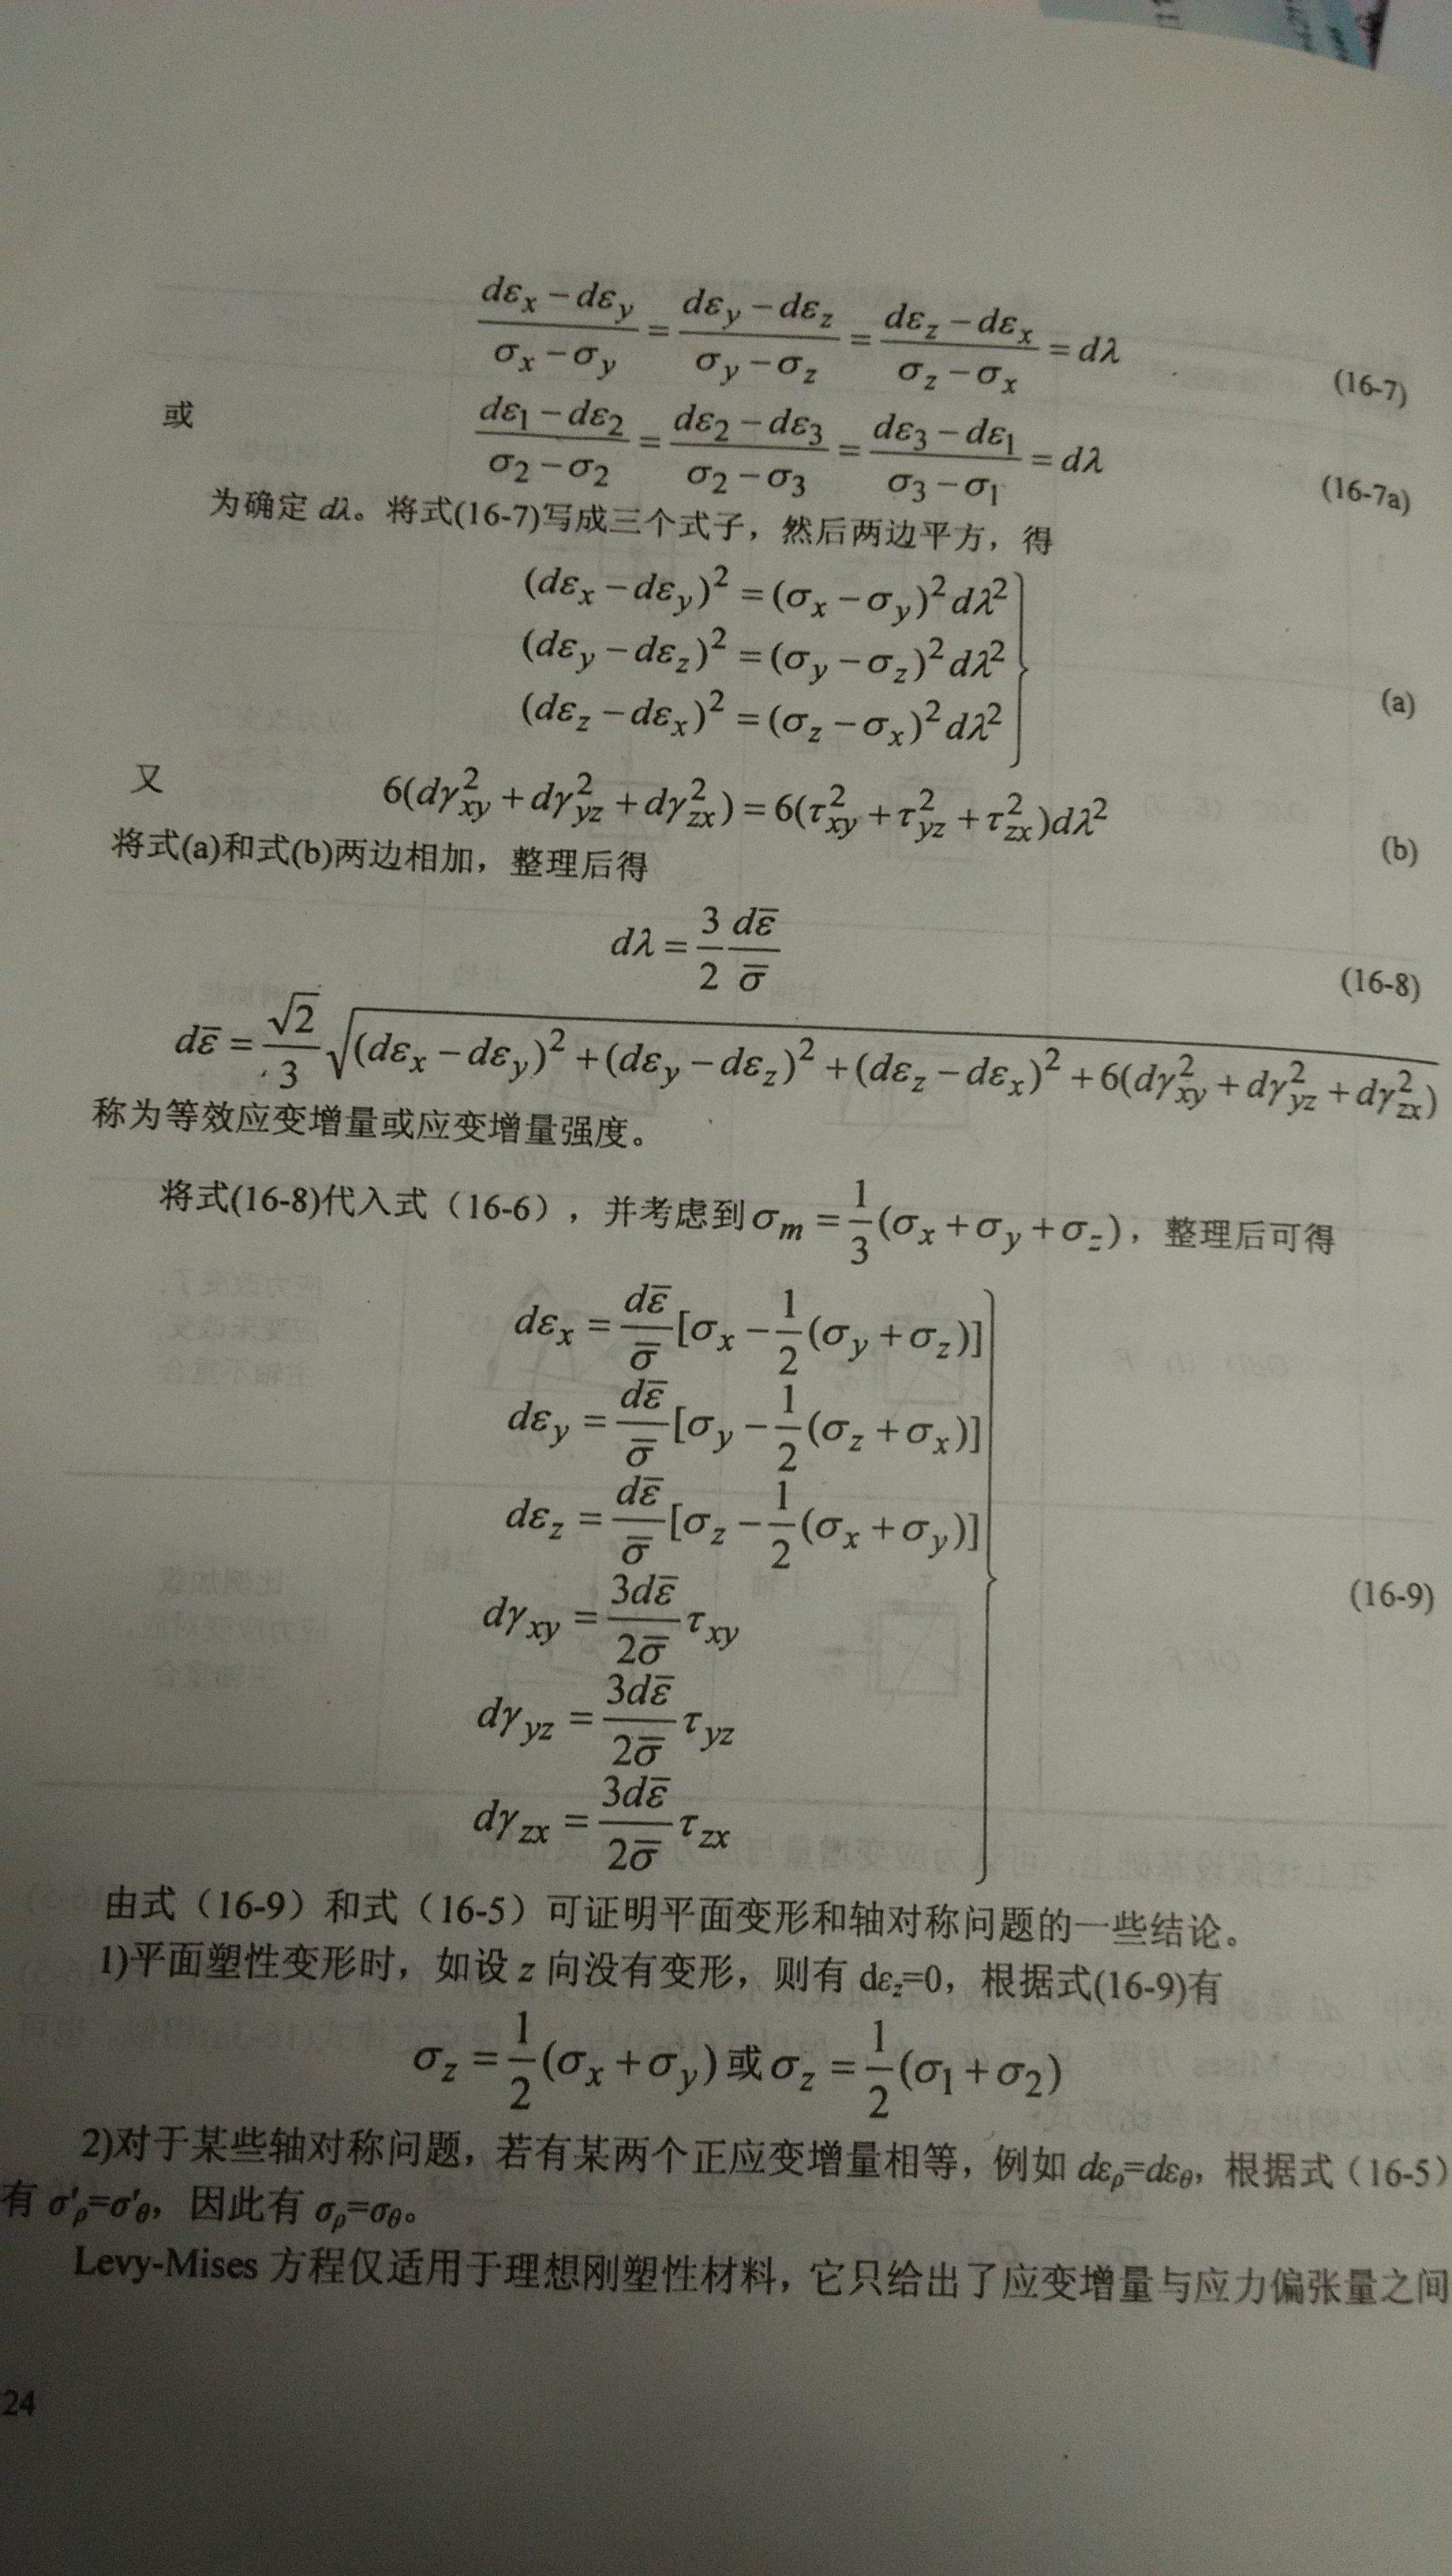 侧面的压强计算公式